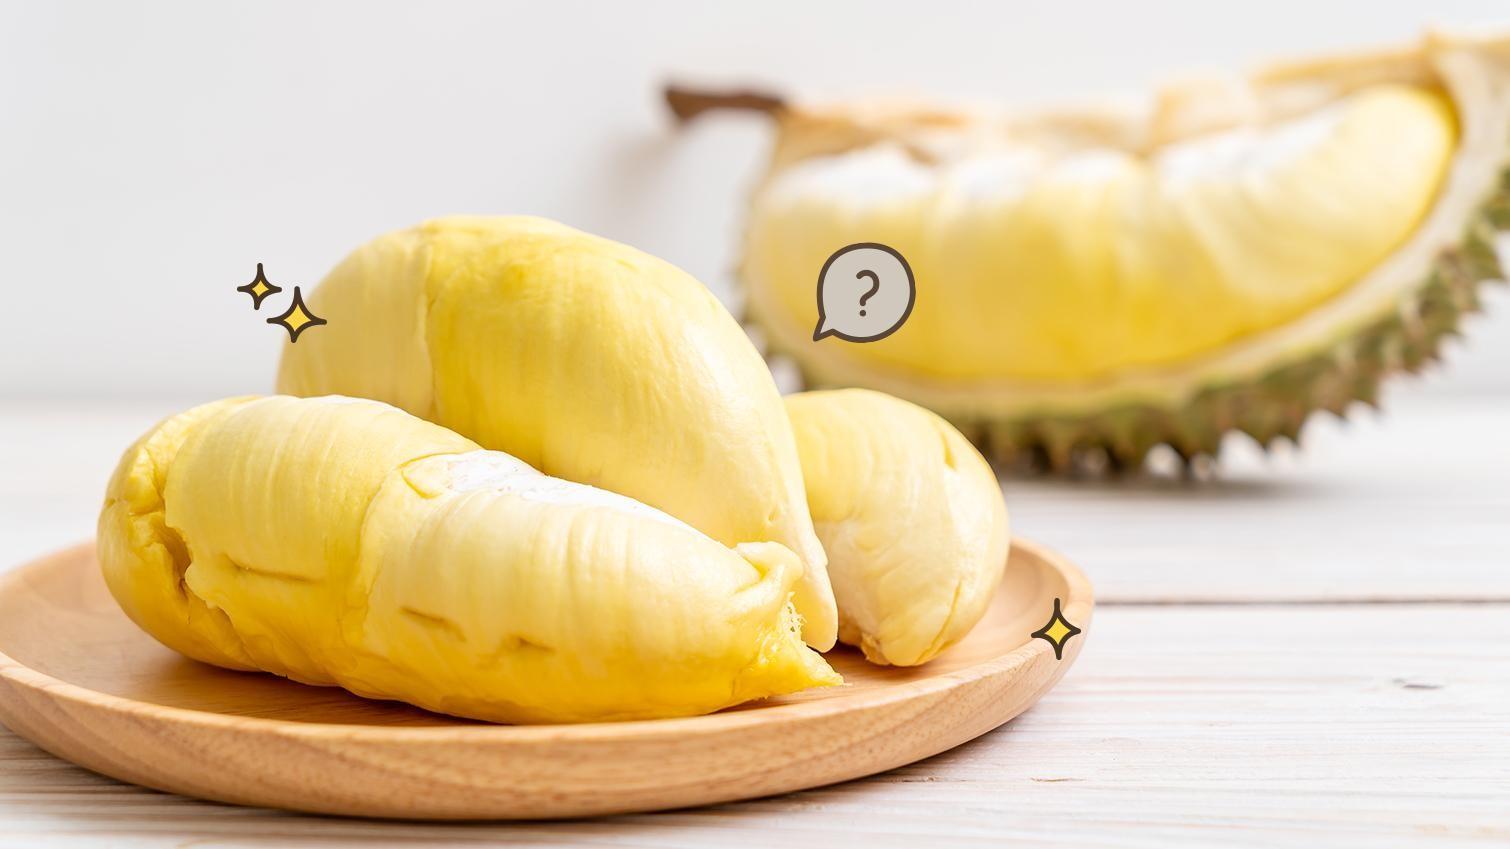 Bolehkah Bayi Makan Durian Ternyata Ini Menurut Ahli Orami